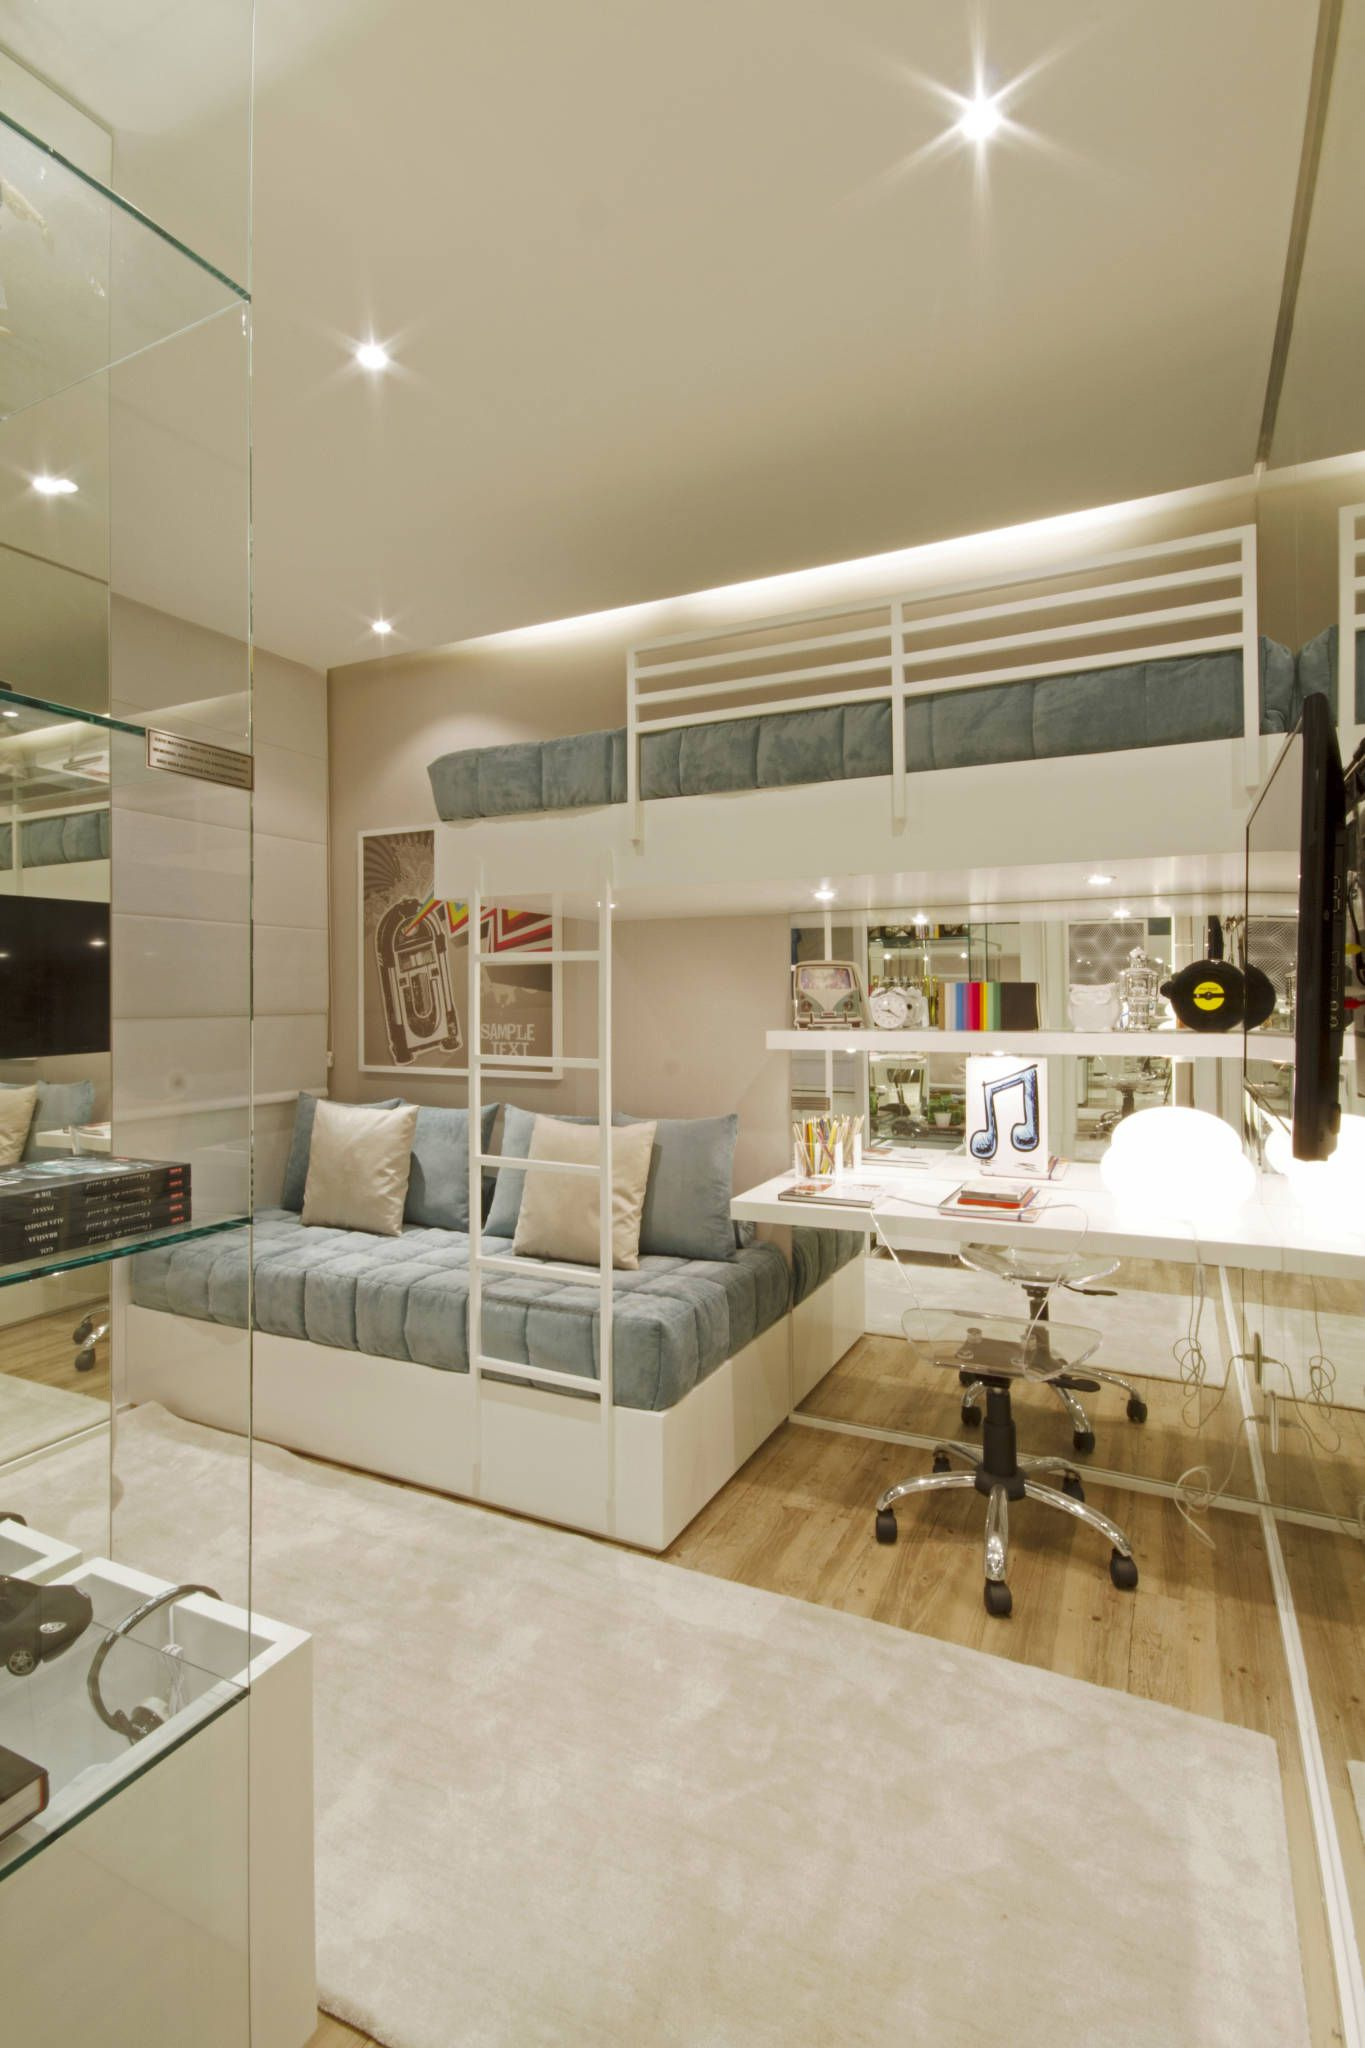 Fotos de decoração, design de interiores e reformas | Einzelzimmer ...